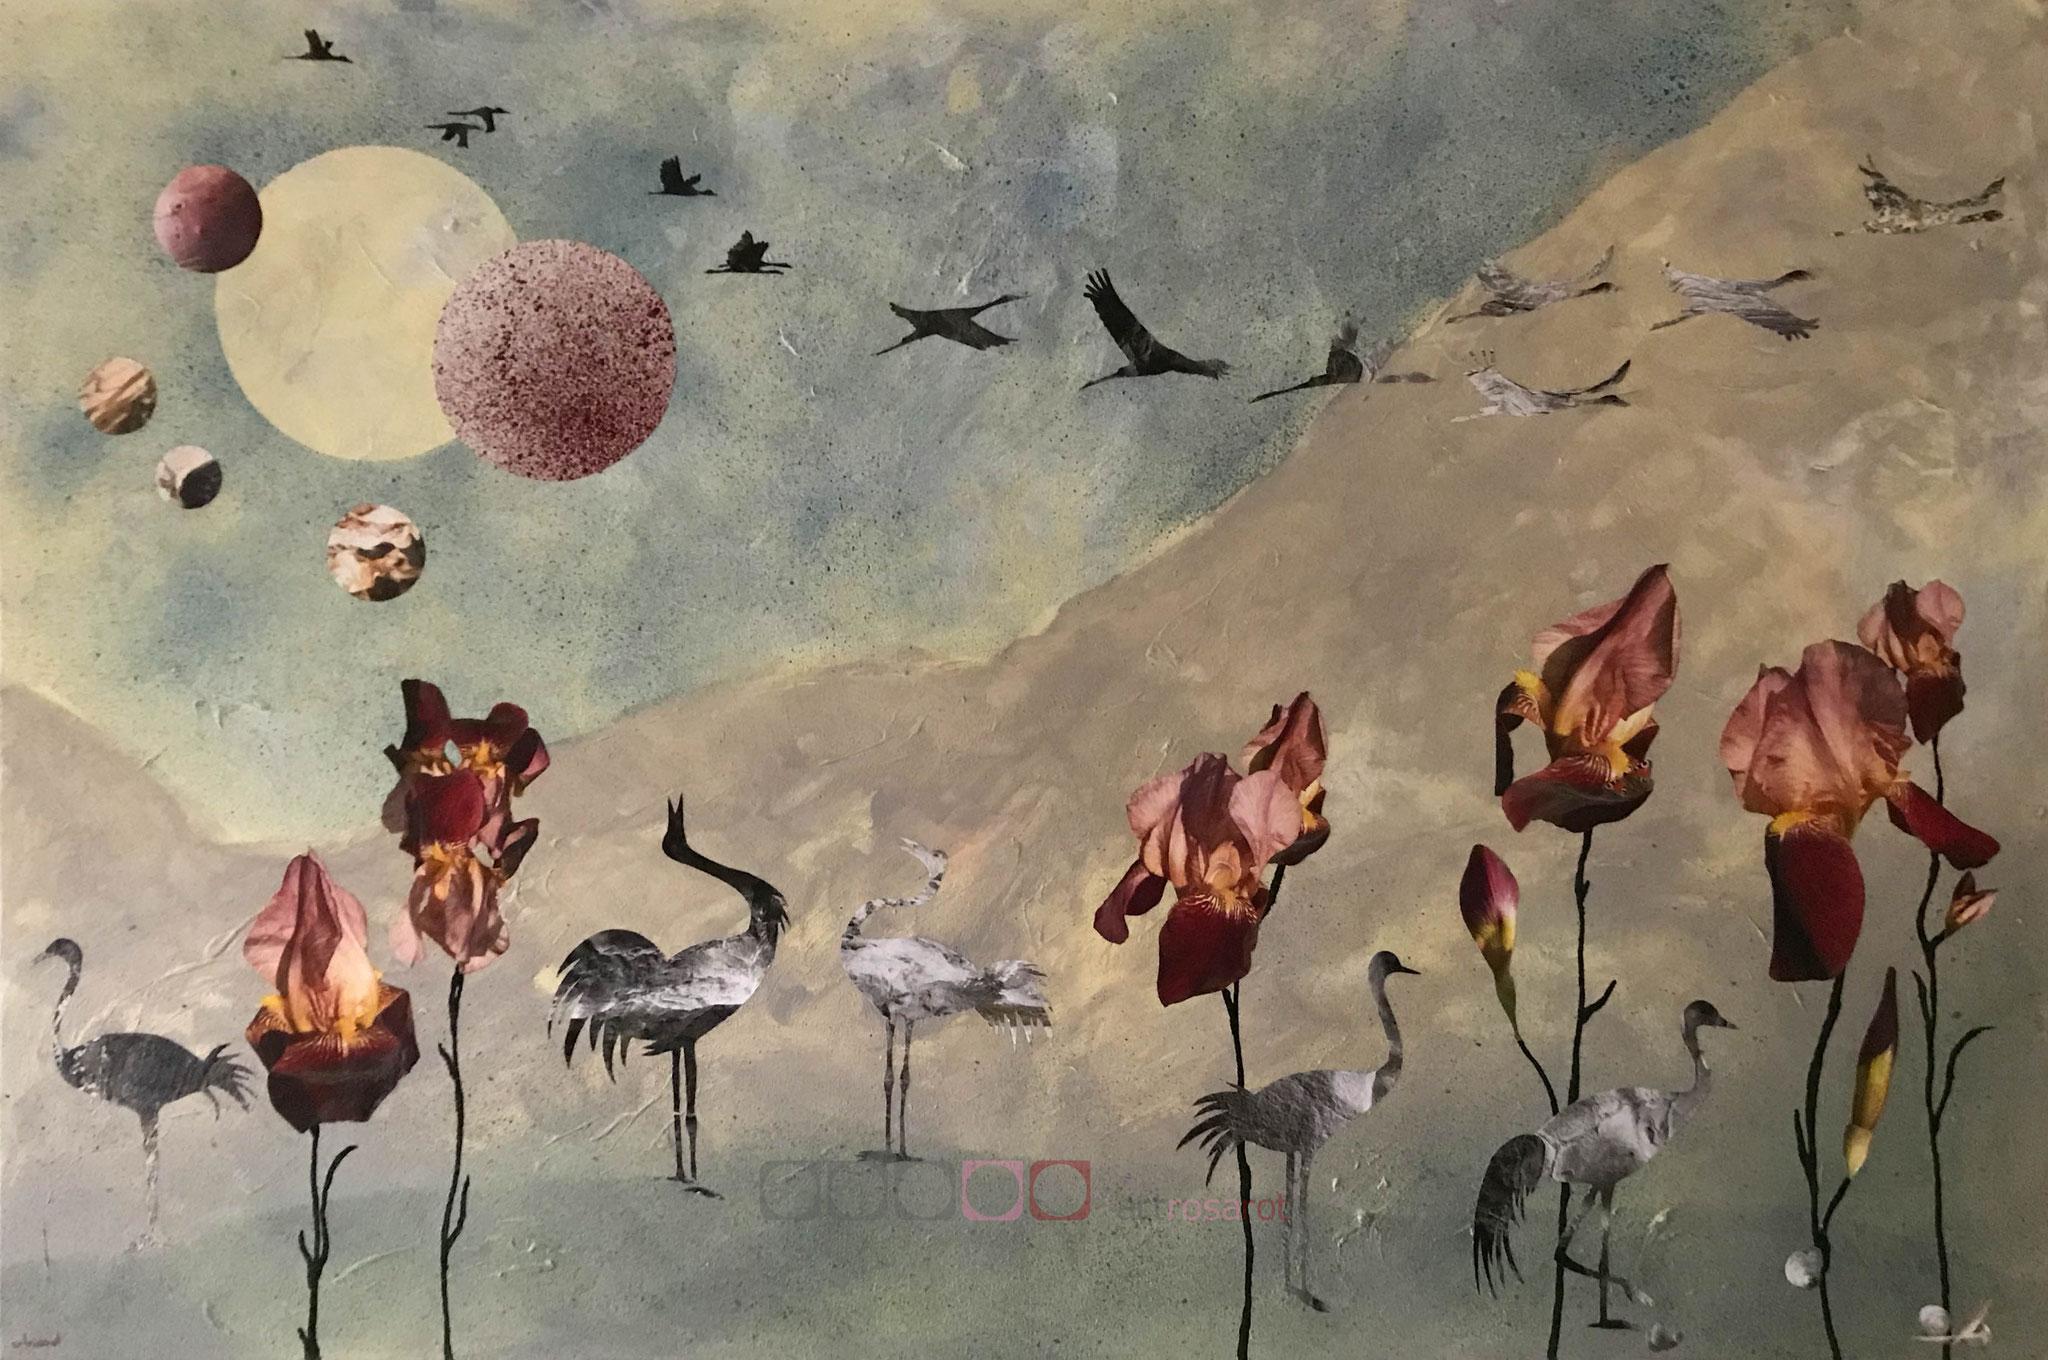 Kraniche rufen zu anderen Kranichen am Himmel auf einem Gemälde von artrosarot aus Berlin